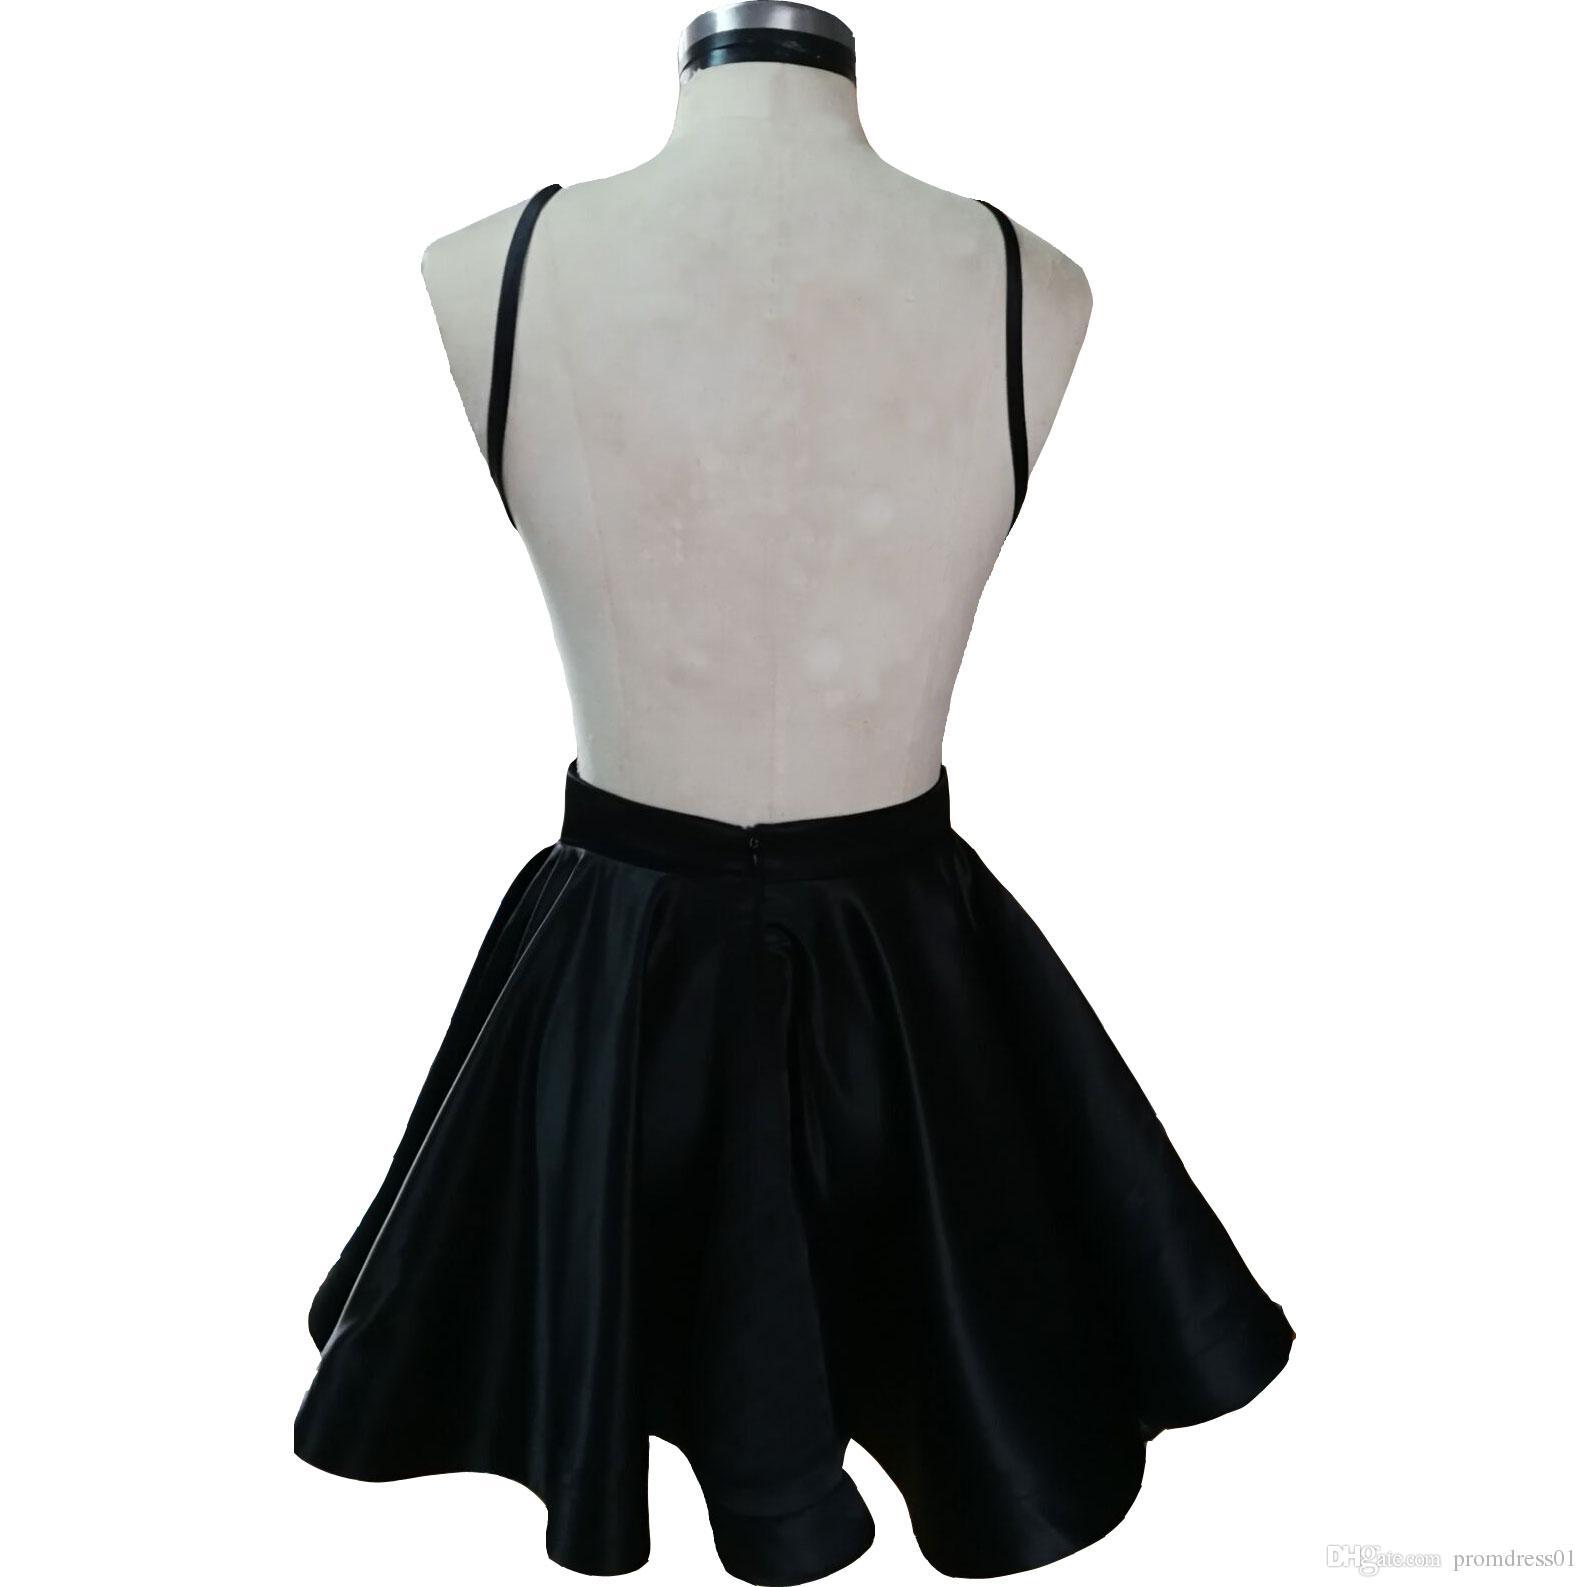 Vente chaude Courts Robes de bal Noirs Noir Homecoming Robes Courtes Robe courte pour Women Robes de fête de moins de 100 ans